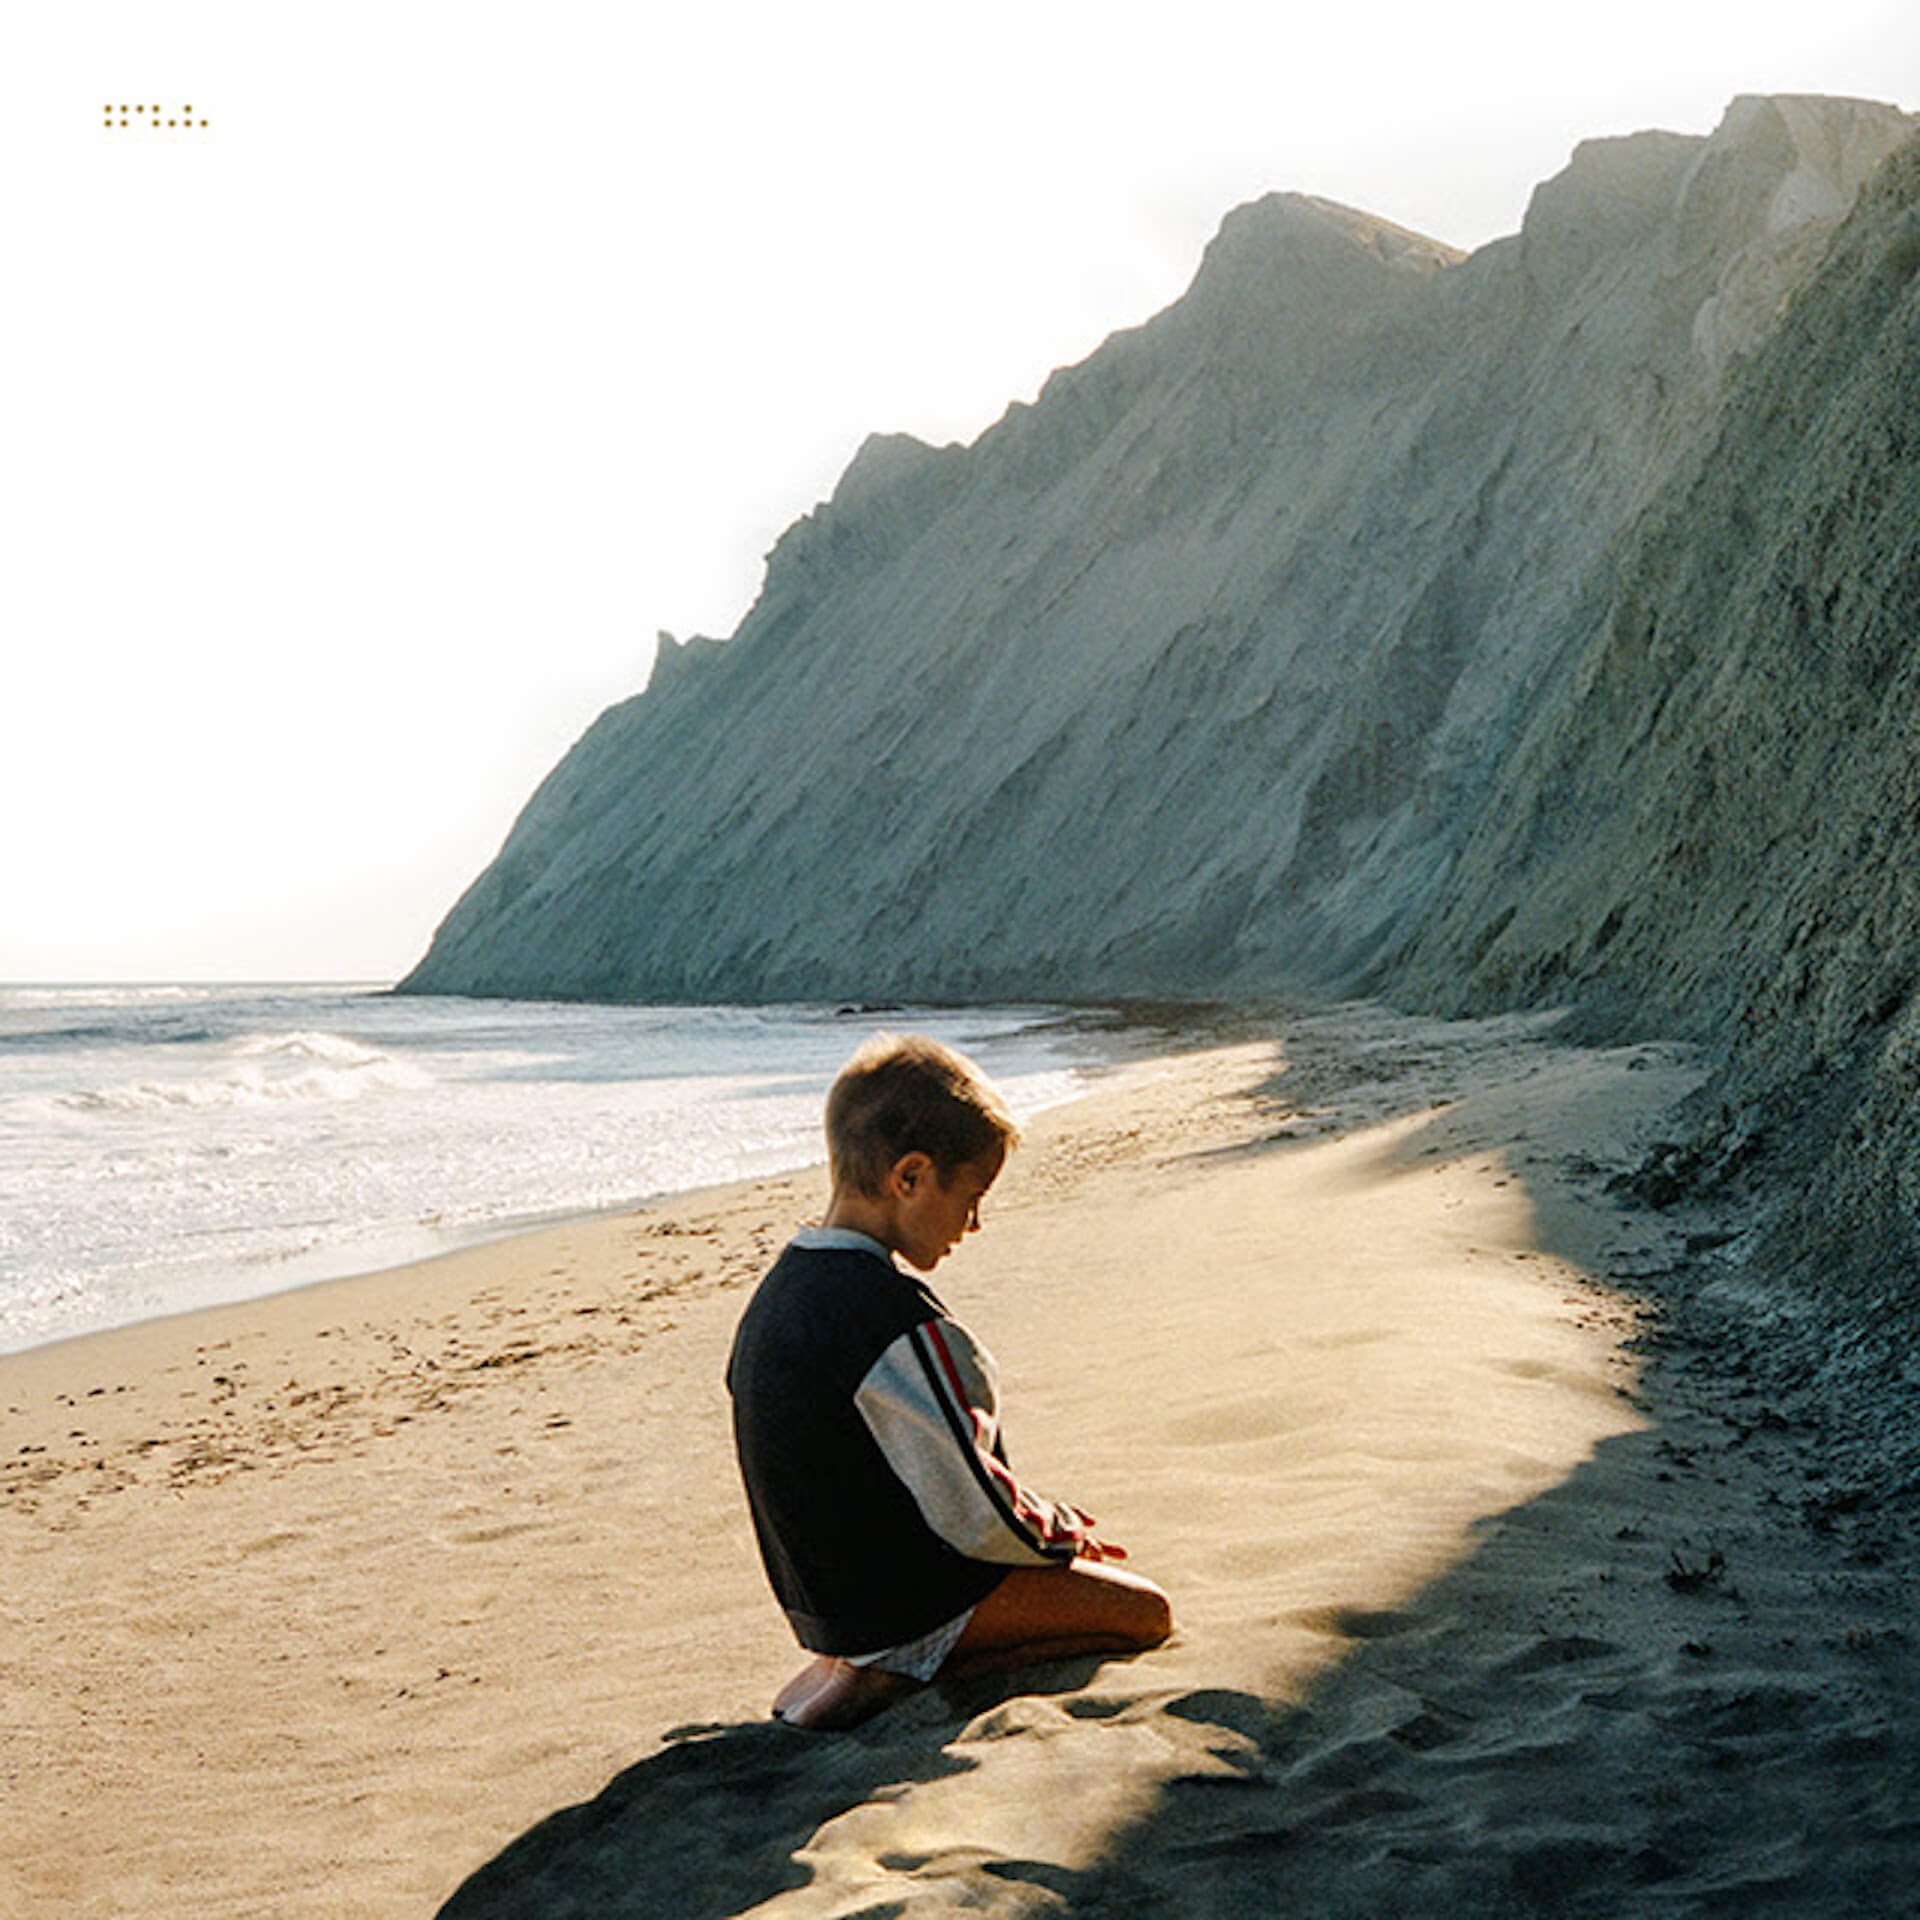 グラミー賞にもノミネートされたティコ、ニューアルバム『Simulcast』リリースを発表|収録曲「Outer Sunset」を公開 music200130_tycho_8